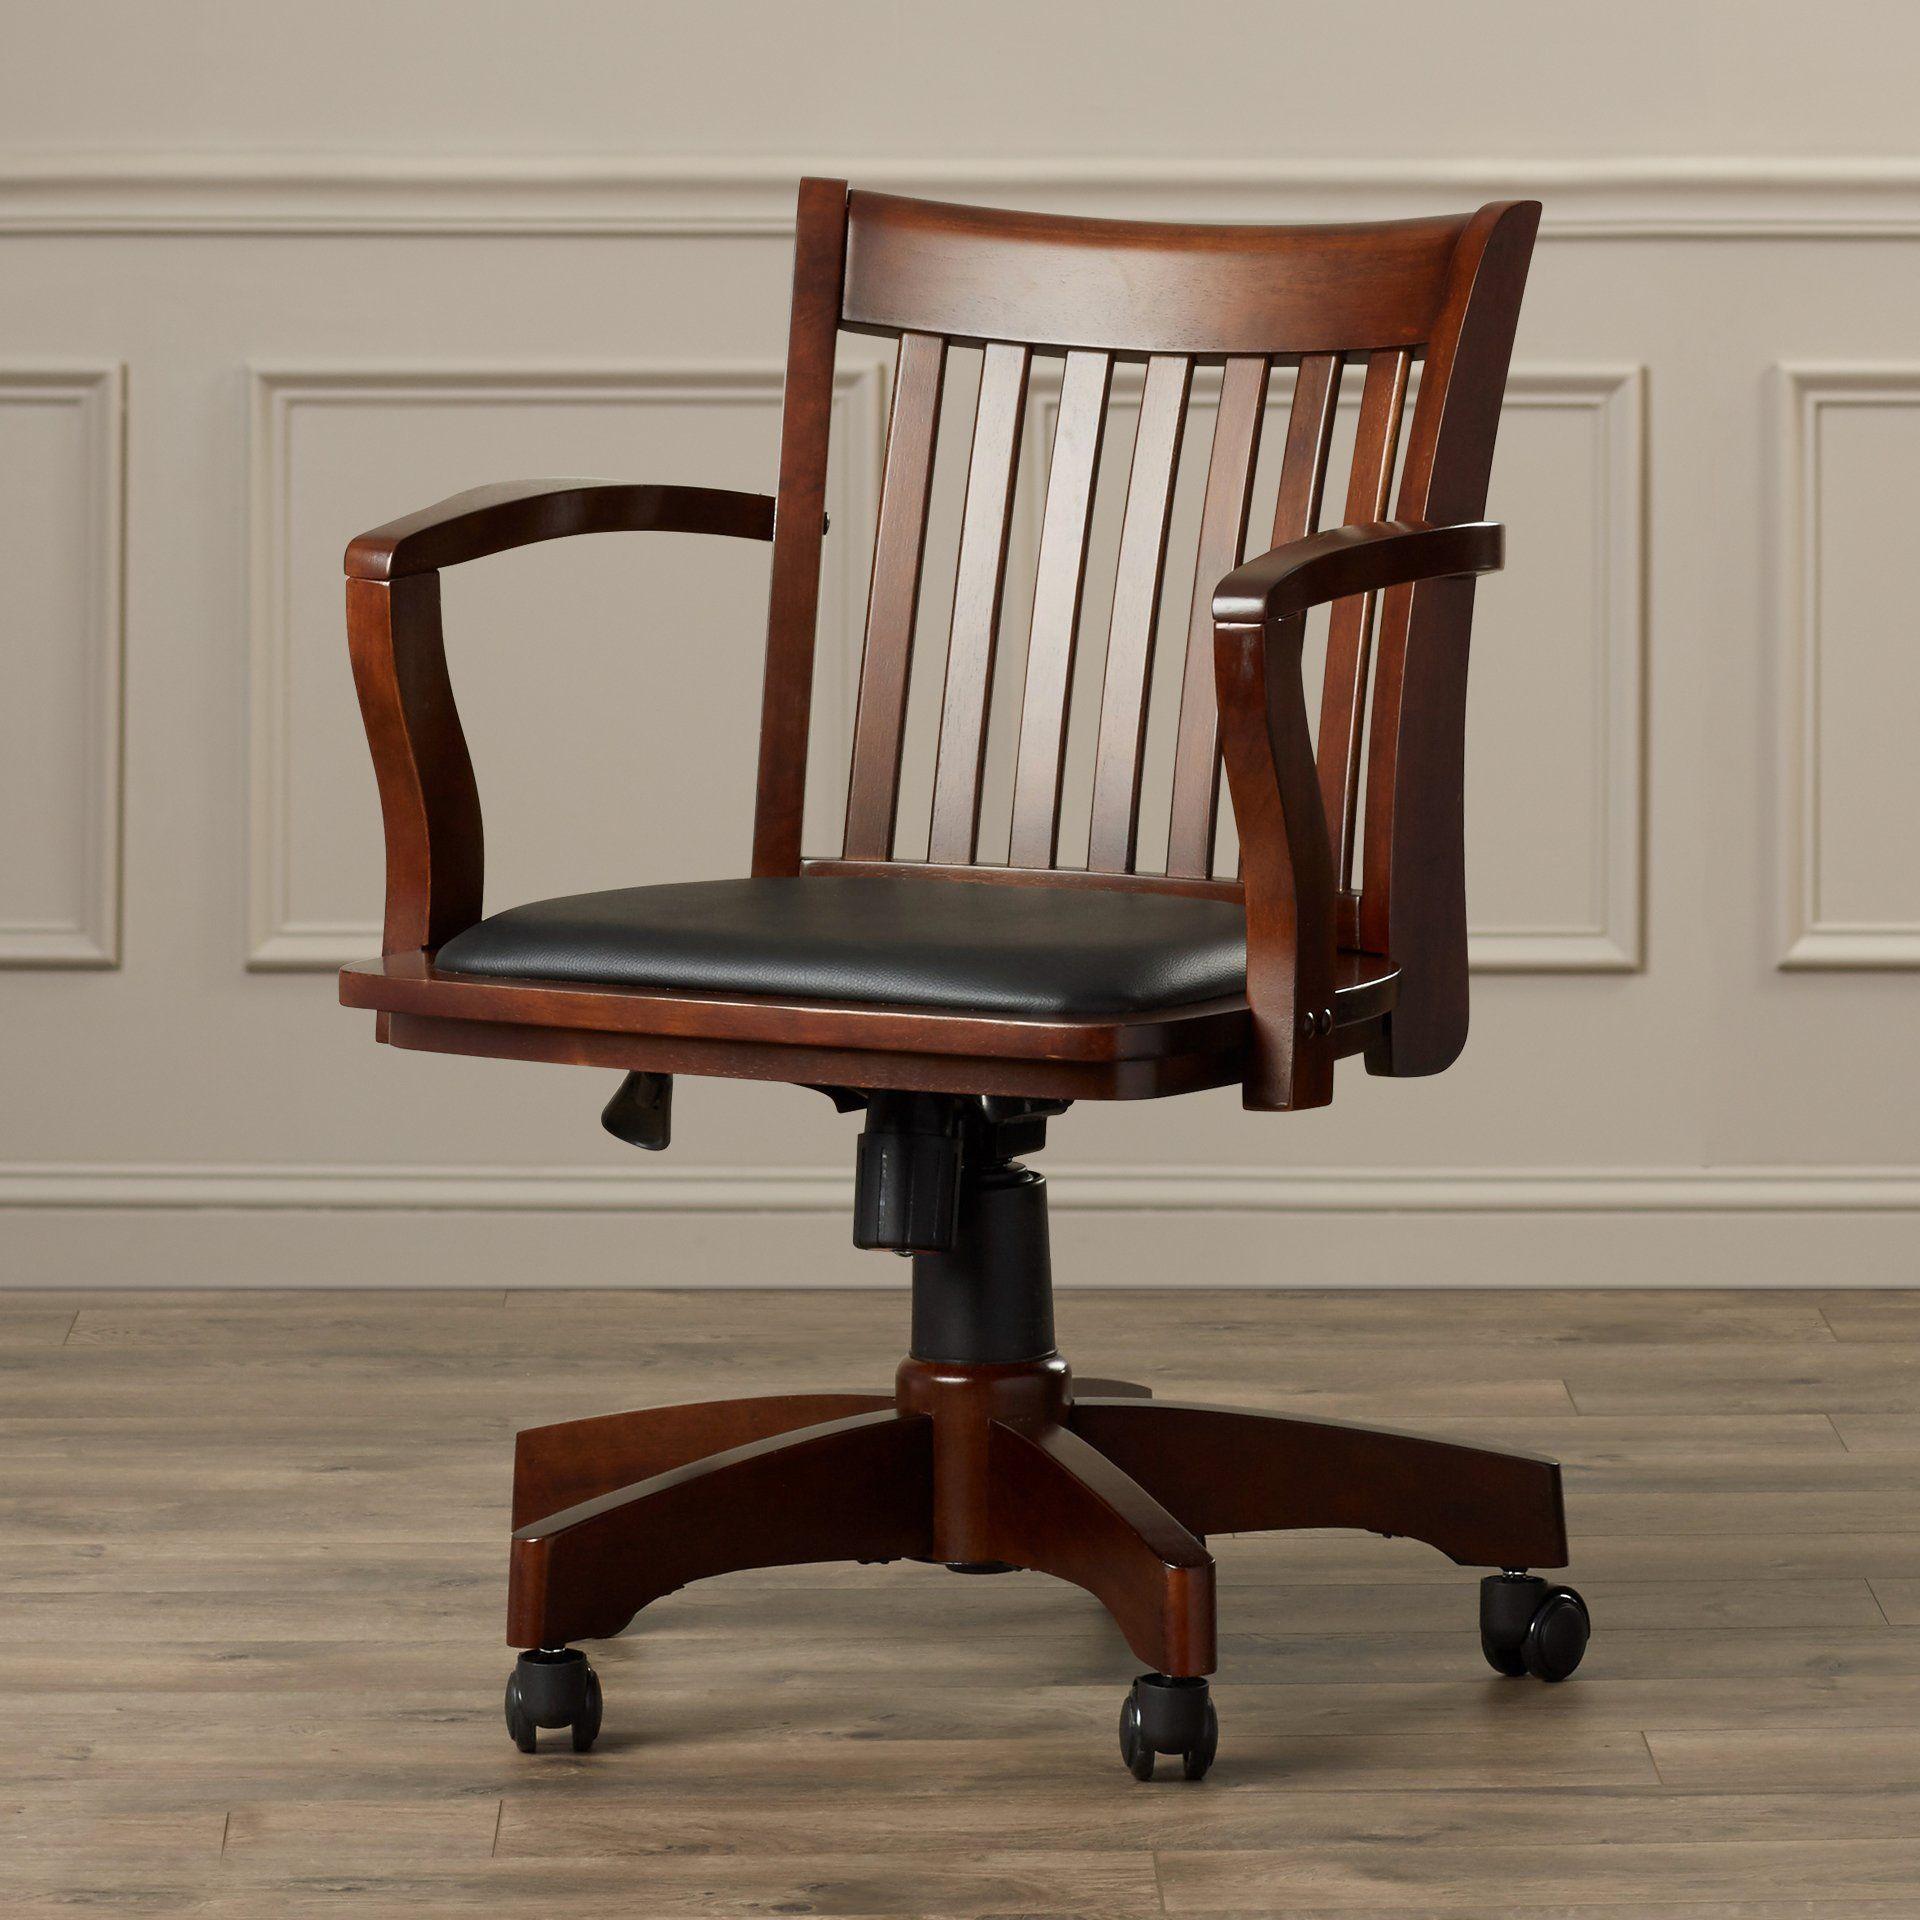 Holz Banker Stuhl Holz Banker Stuhl Stellen Sie Eine Angenehme Atmosphare Mit Frischem Holz Die Banker Stuhl Das Mo Bequemer Burostuhl Burostuhl Haus Deko